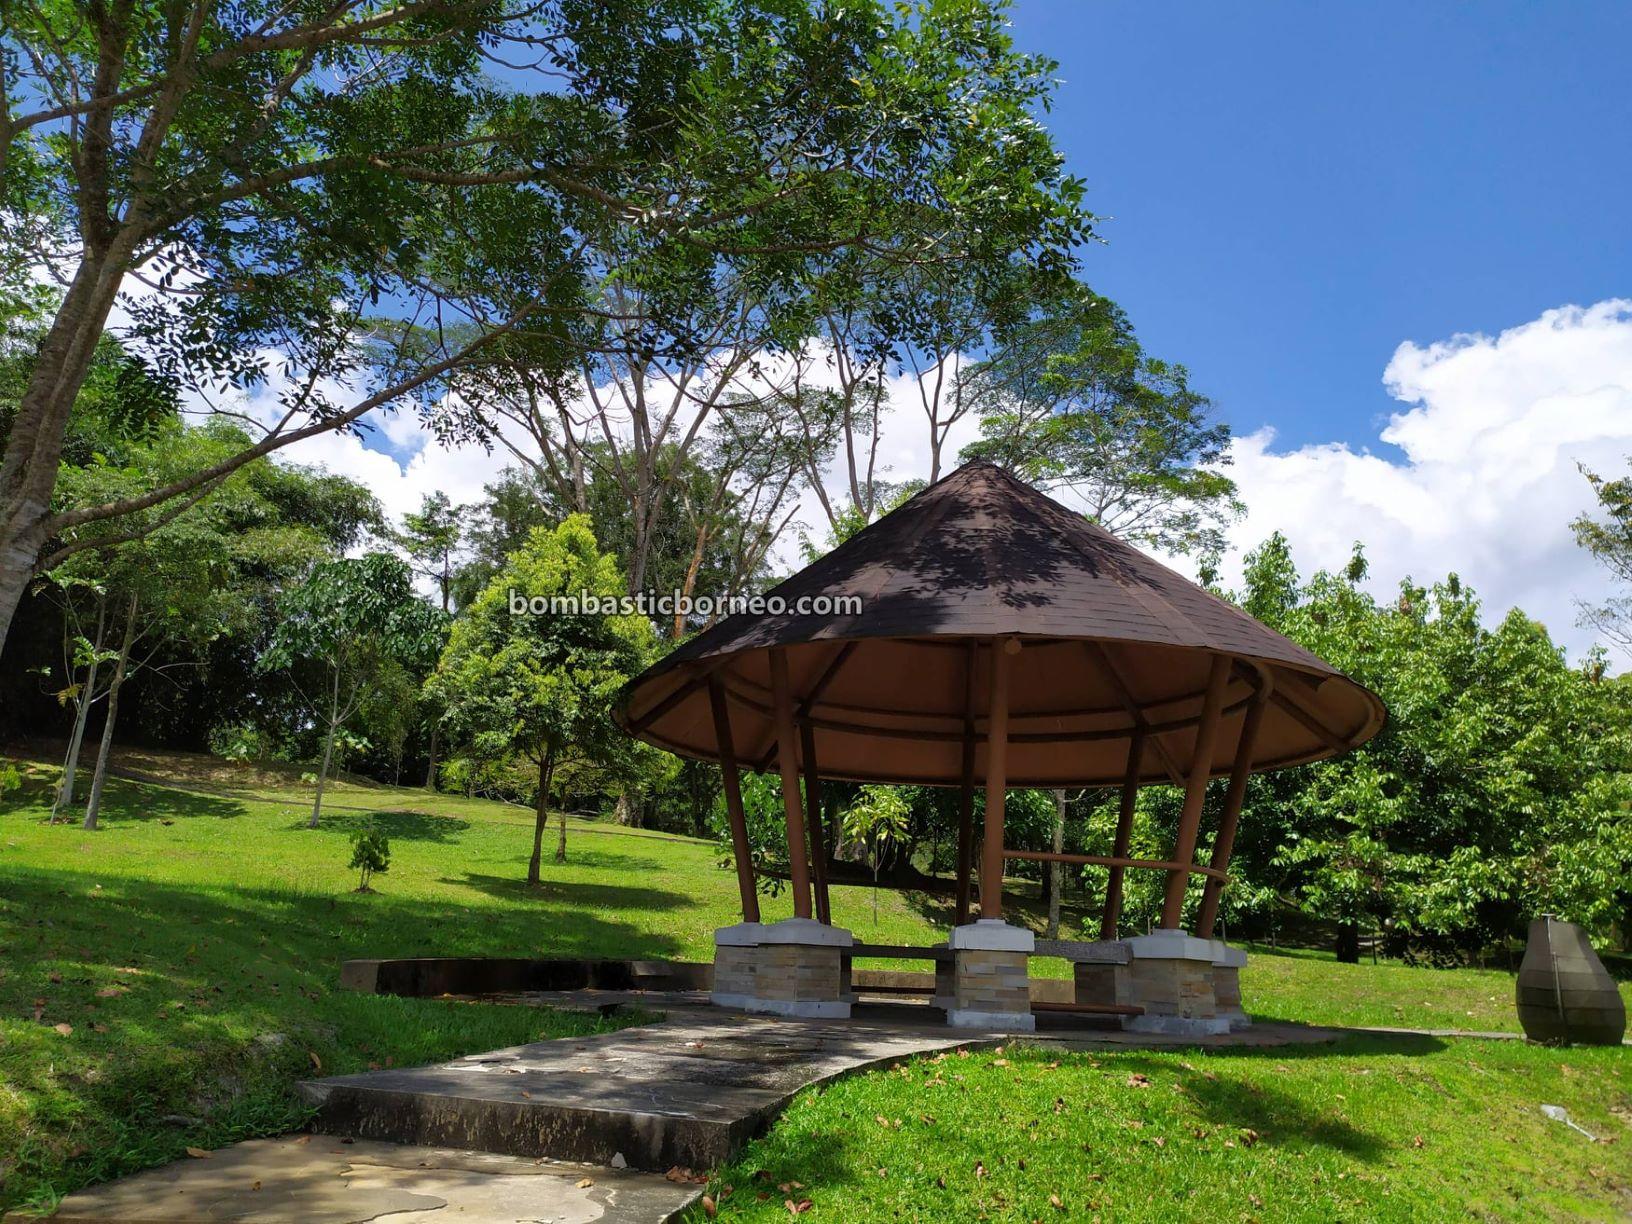 Taman Botani Sarawak, Sarawak Botanical Garden, recreational park, tempat senaman, outdoor, exercise, sports, jogging, walking, cycling, Kuching, Malaysia, objek wisata, Tourism, travel local,